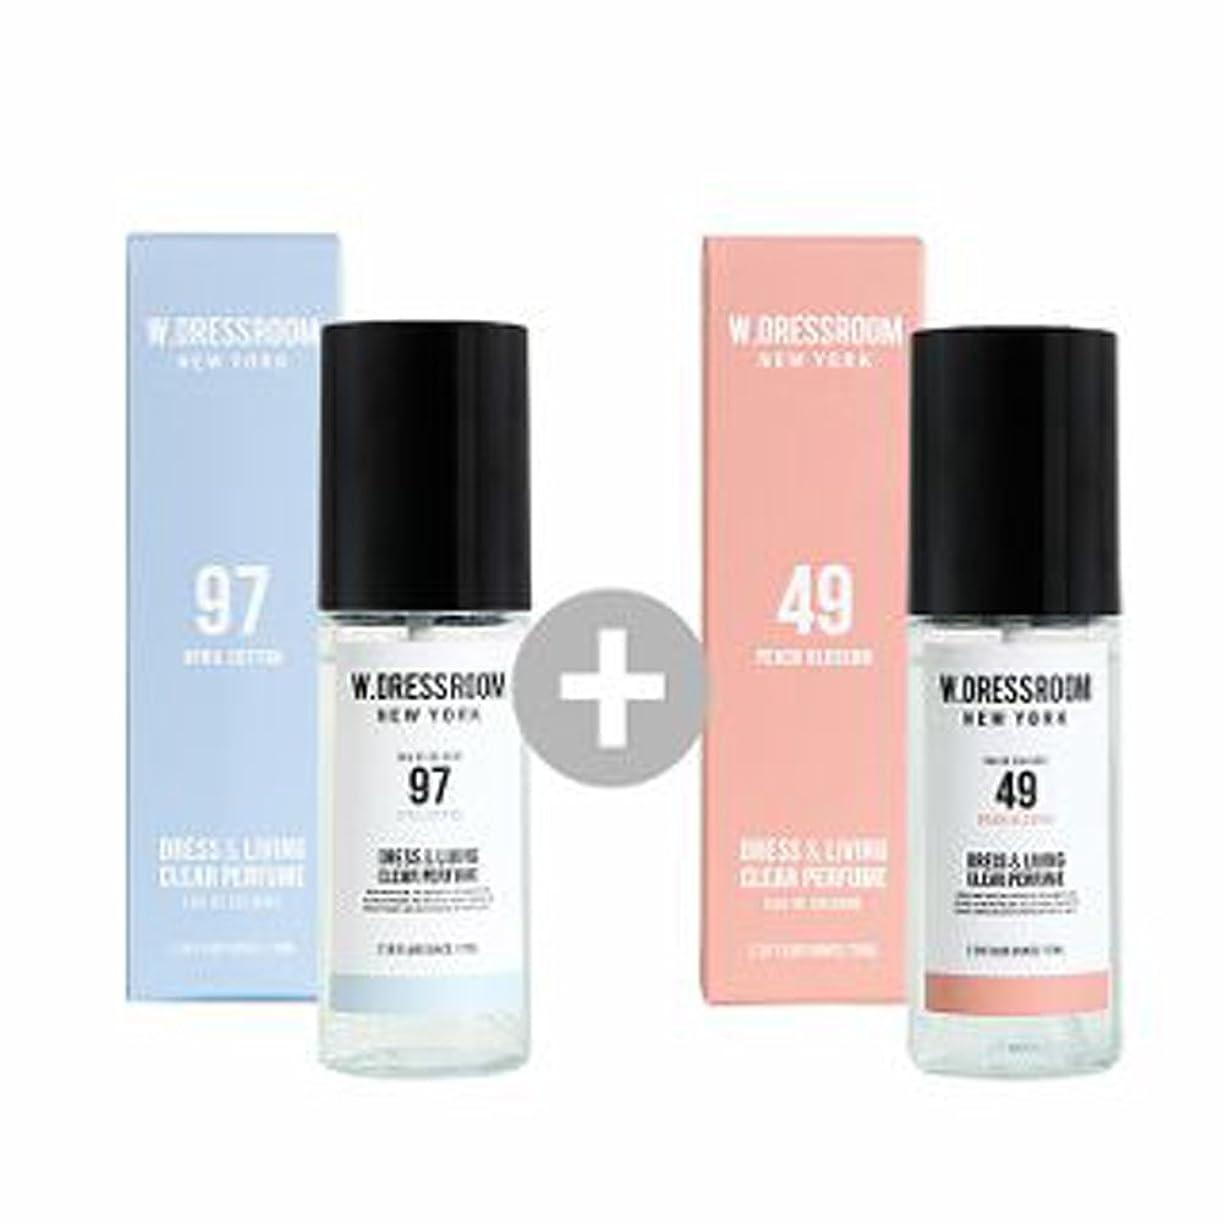 出席する誕生経験的W.DRESSROOM Dress & Living Clear Perfume 70ml(No 97 April Cotton)+(No 49 Peach Blossom)